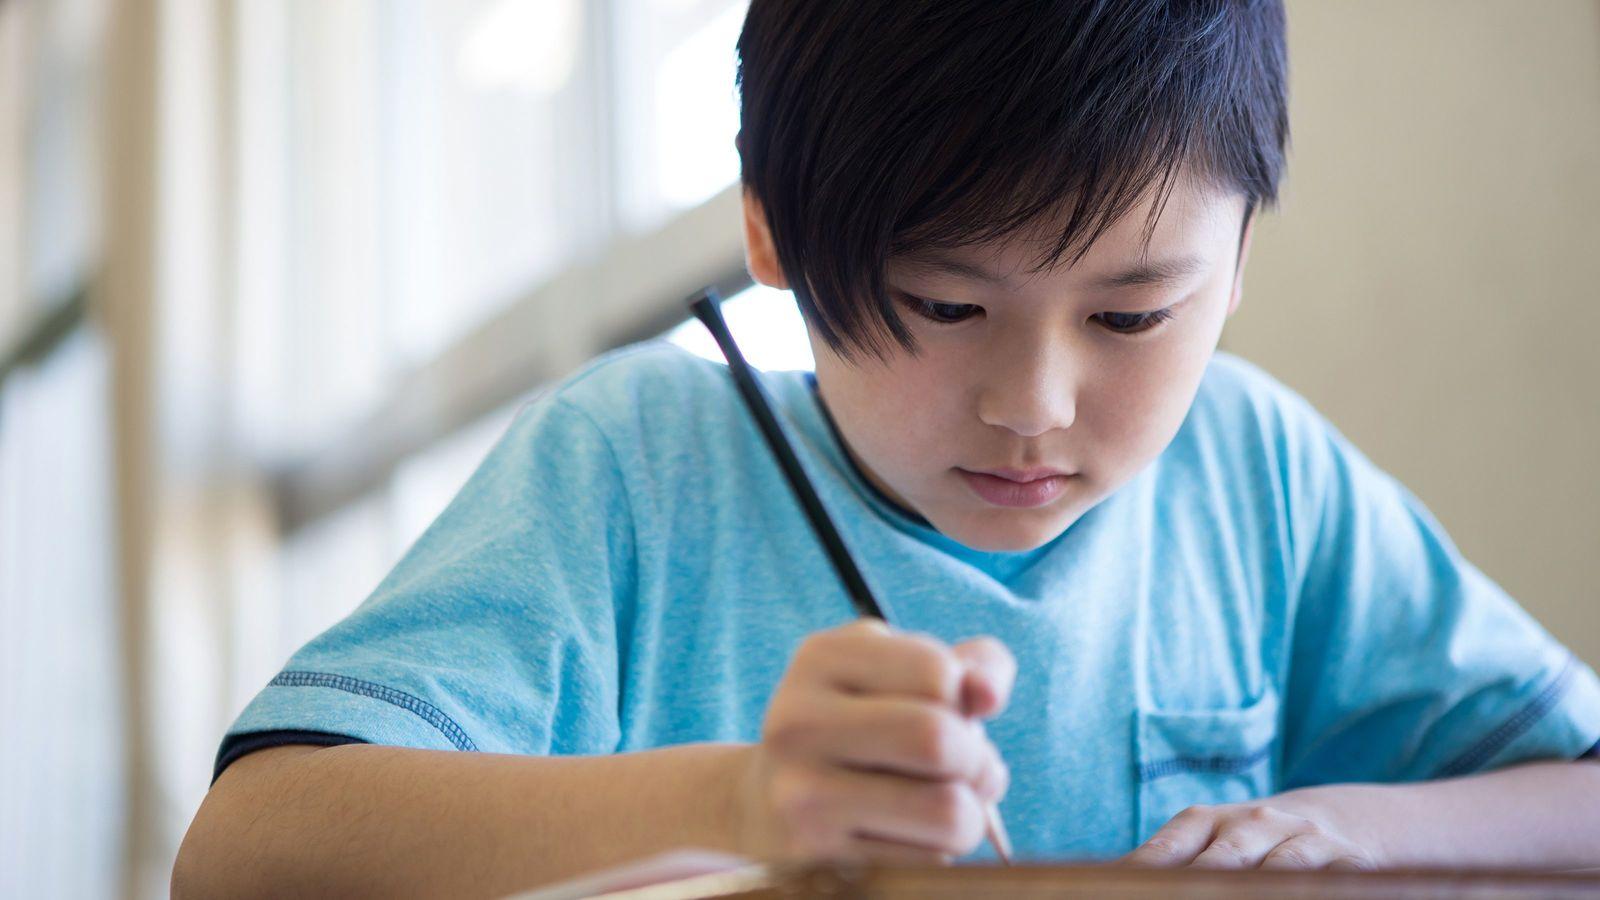 小4からの「ガチ受験」より小6からの「ゆる受験」が向く子の条件 「第3次中学受験ブーム」への対応法